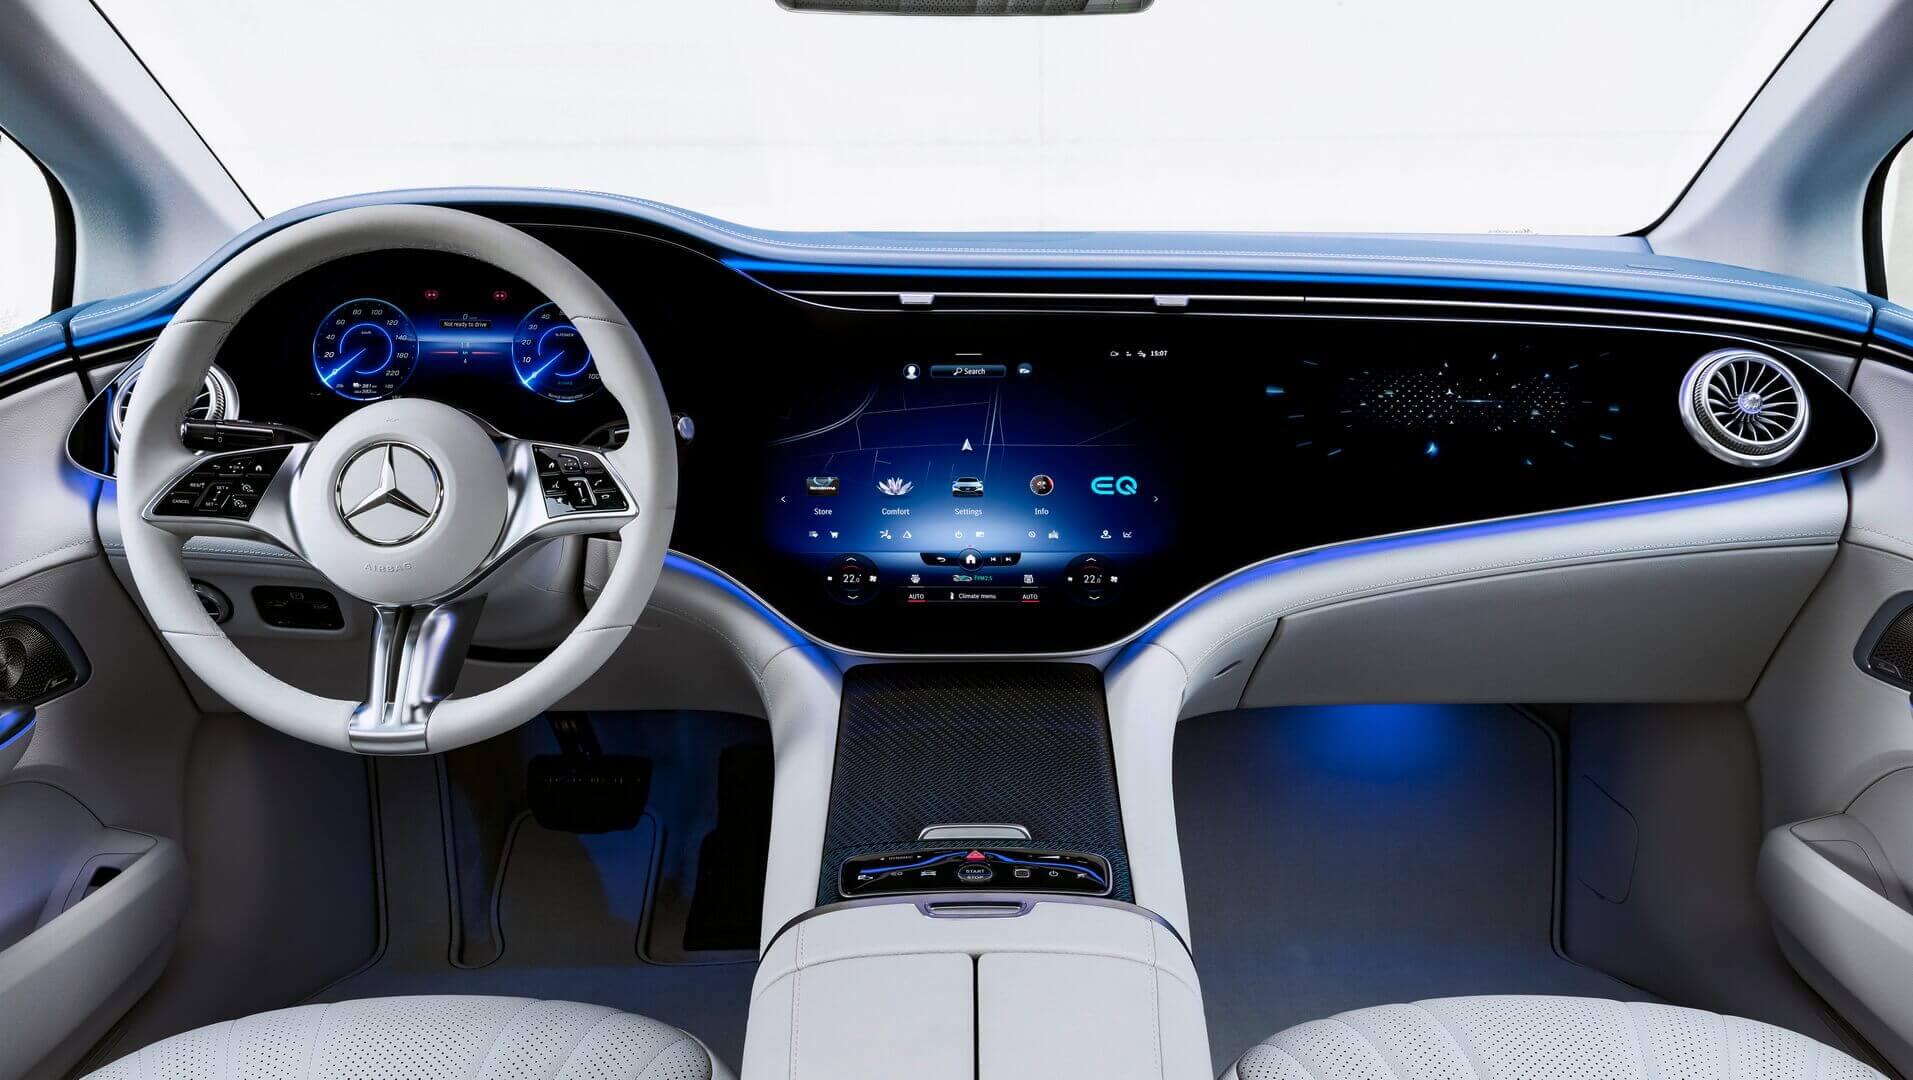 Внутренний дизайн основан на Mercedes-Benz EQS